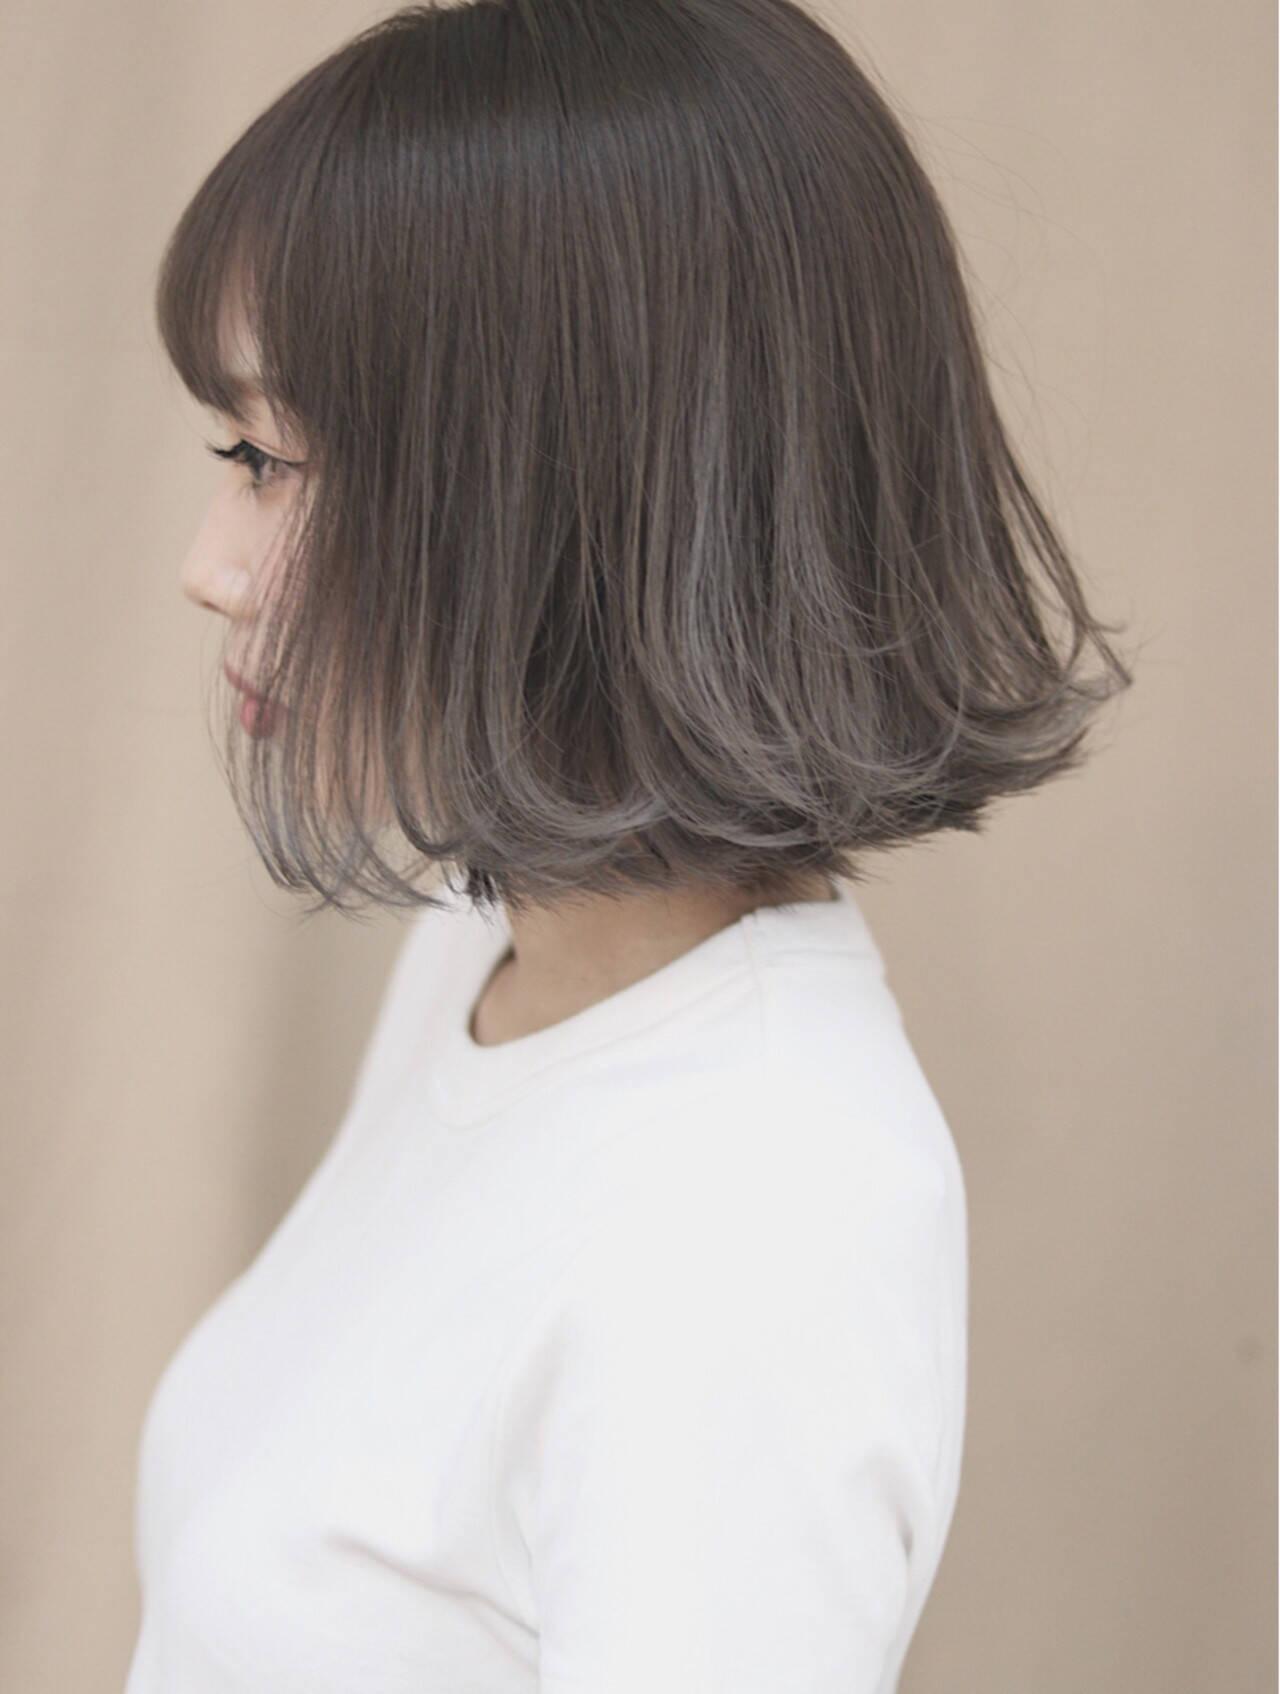 オフィス イルミナカラー グレージュ ハイライトヘアスタイルや髪型の写真・画像